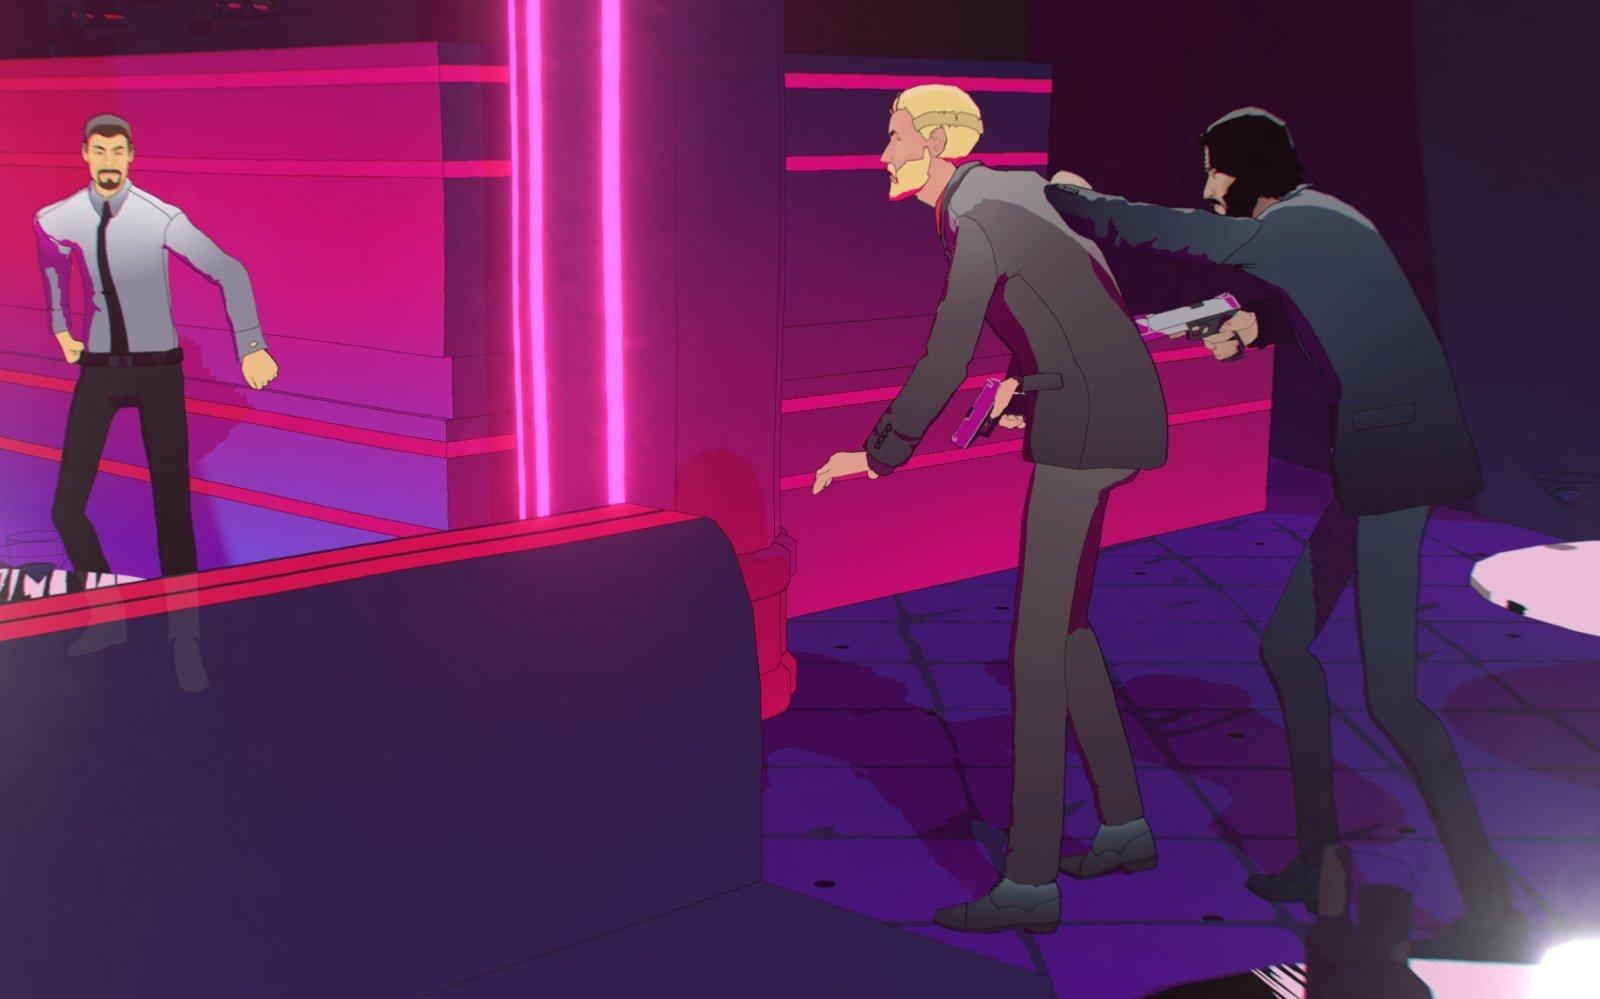 بازی John Wick Hex هشت اکتبر برای ویندوز و مک منتشر میشود